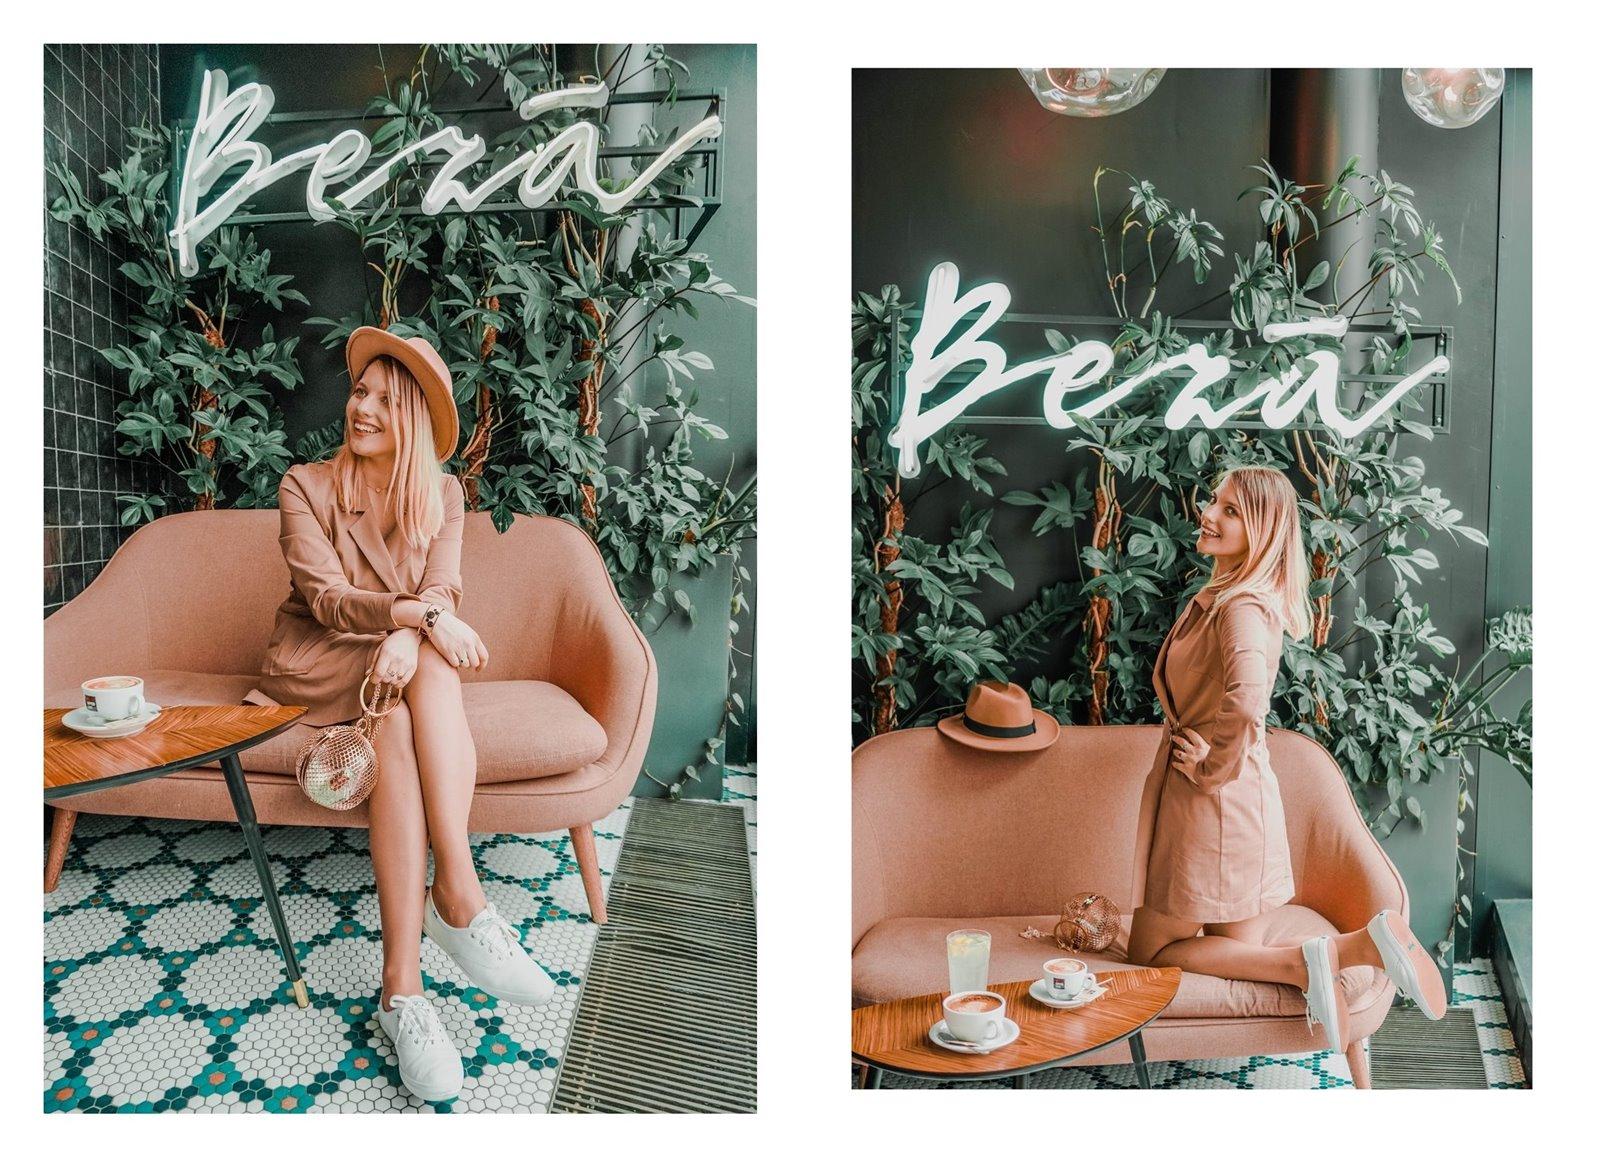 6a nakd sukienka julia wieniawa kolekcja ubrań cena gdzie kupić sukienka trendy na wiosnę 2019 sukienka o kroju płaszcza jak nosić kapelusz złota biżuteria apart torebka asos outlet satisfashion ocena jakość opinie łódź